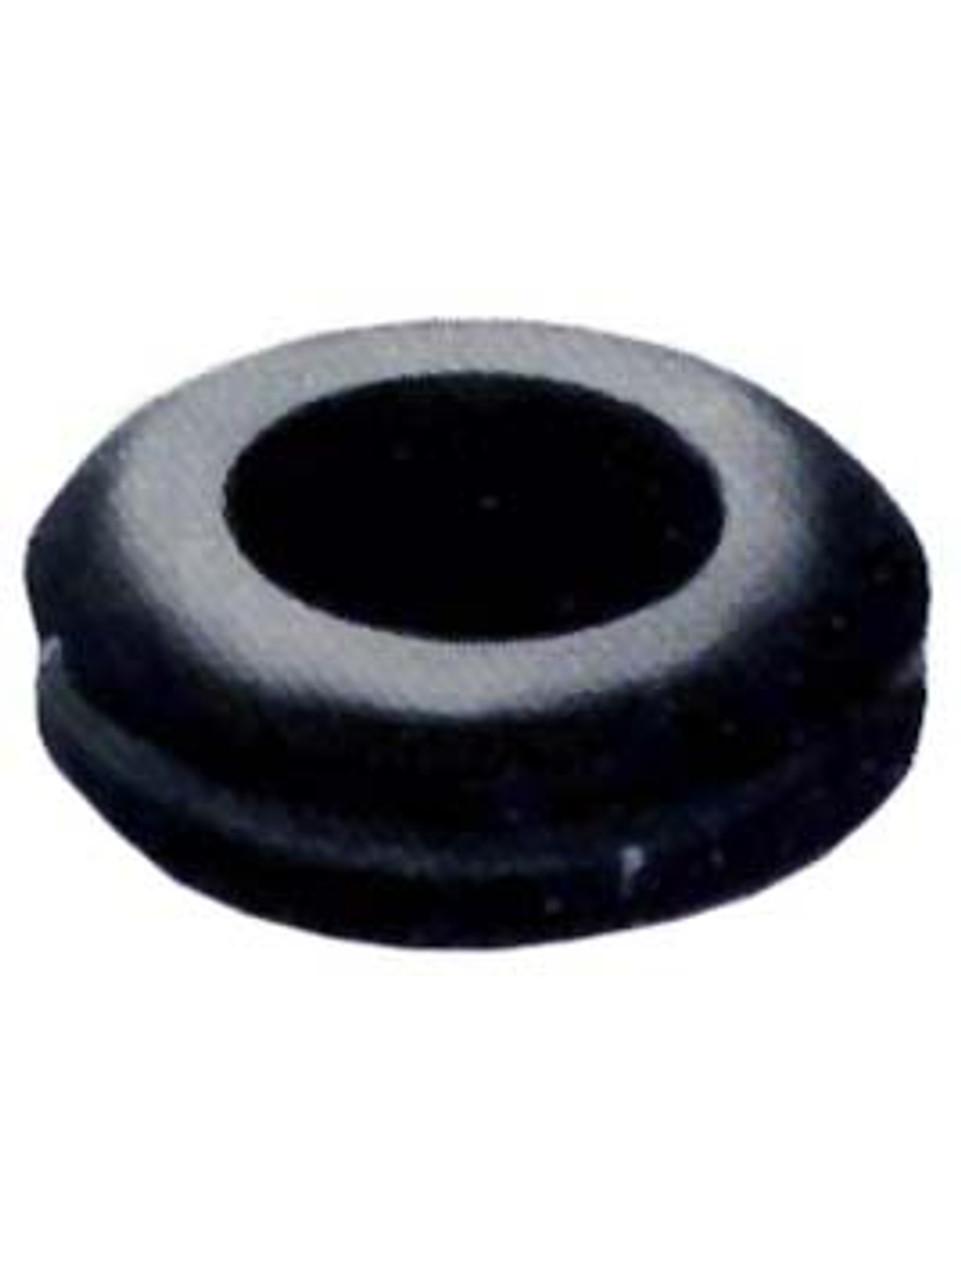 GROM34 --- Rubber Grommet